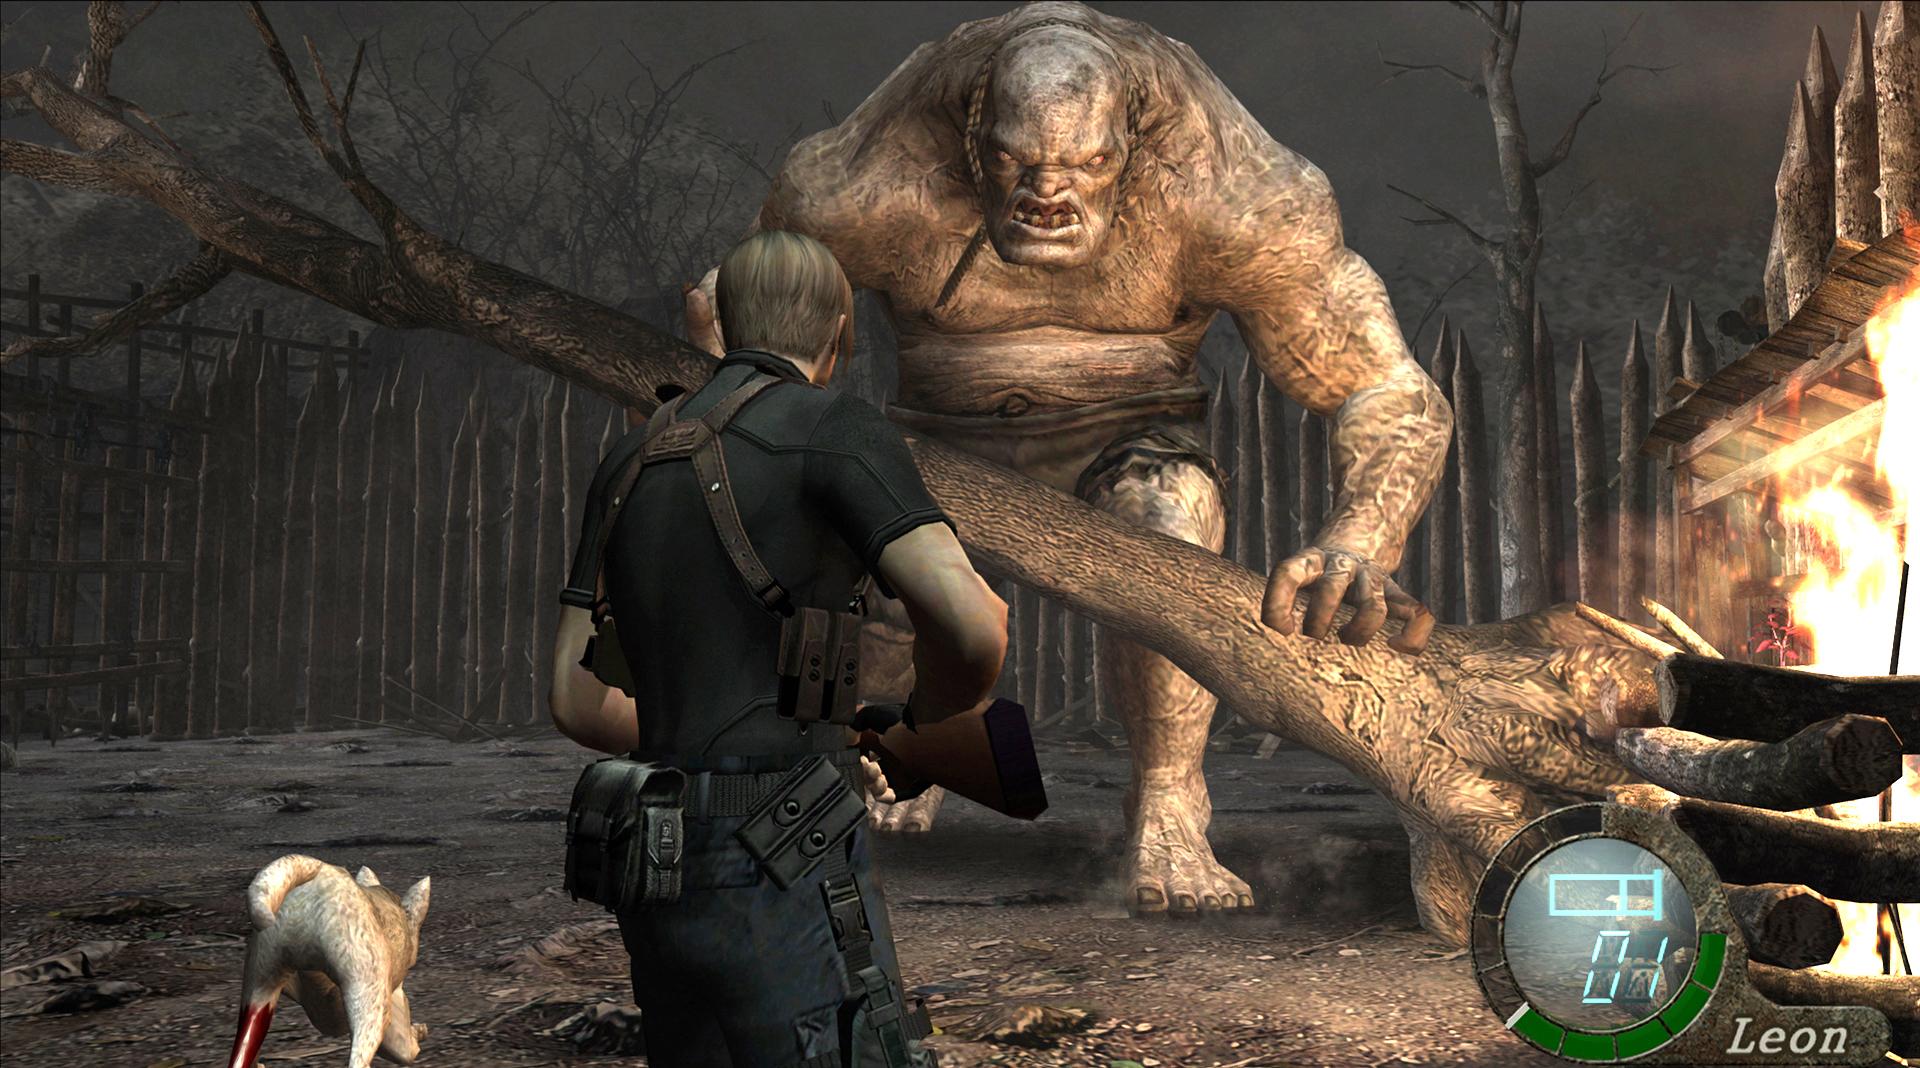 Kết quả hình ảnh cho Resident Evil 4 (2005)